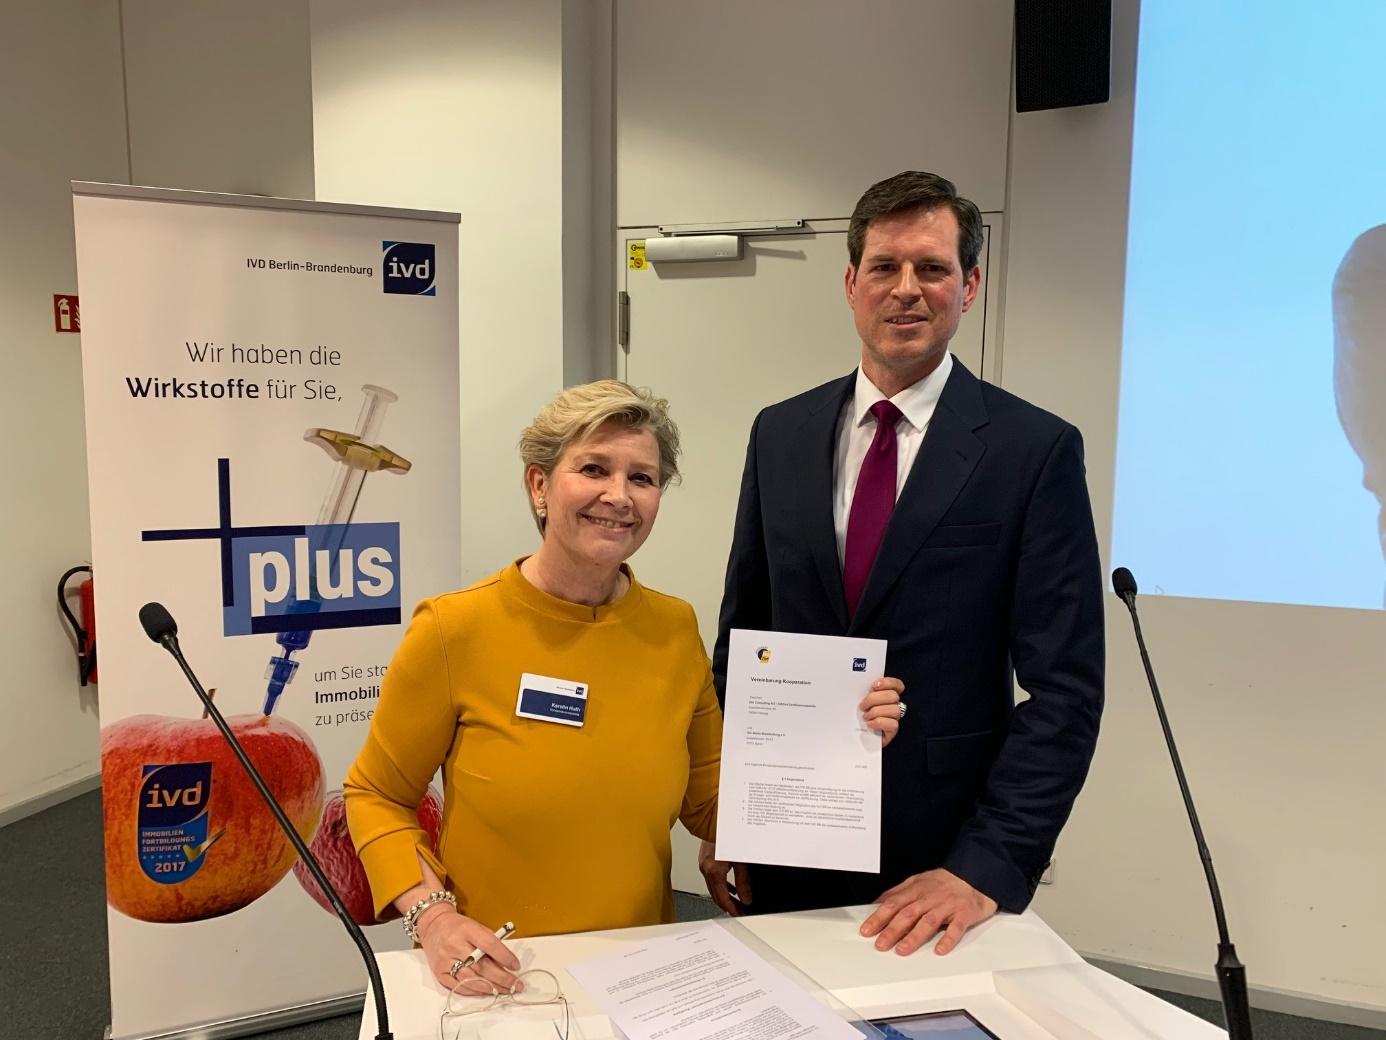 Verband: DIAZert und IVD Berlin-Brandenburg beschließen Kooperation